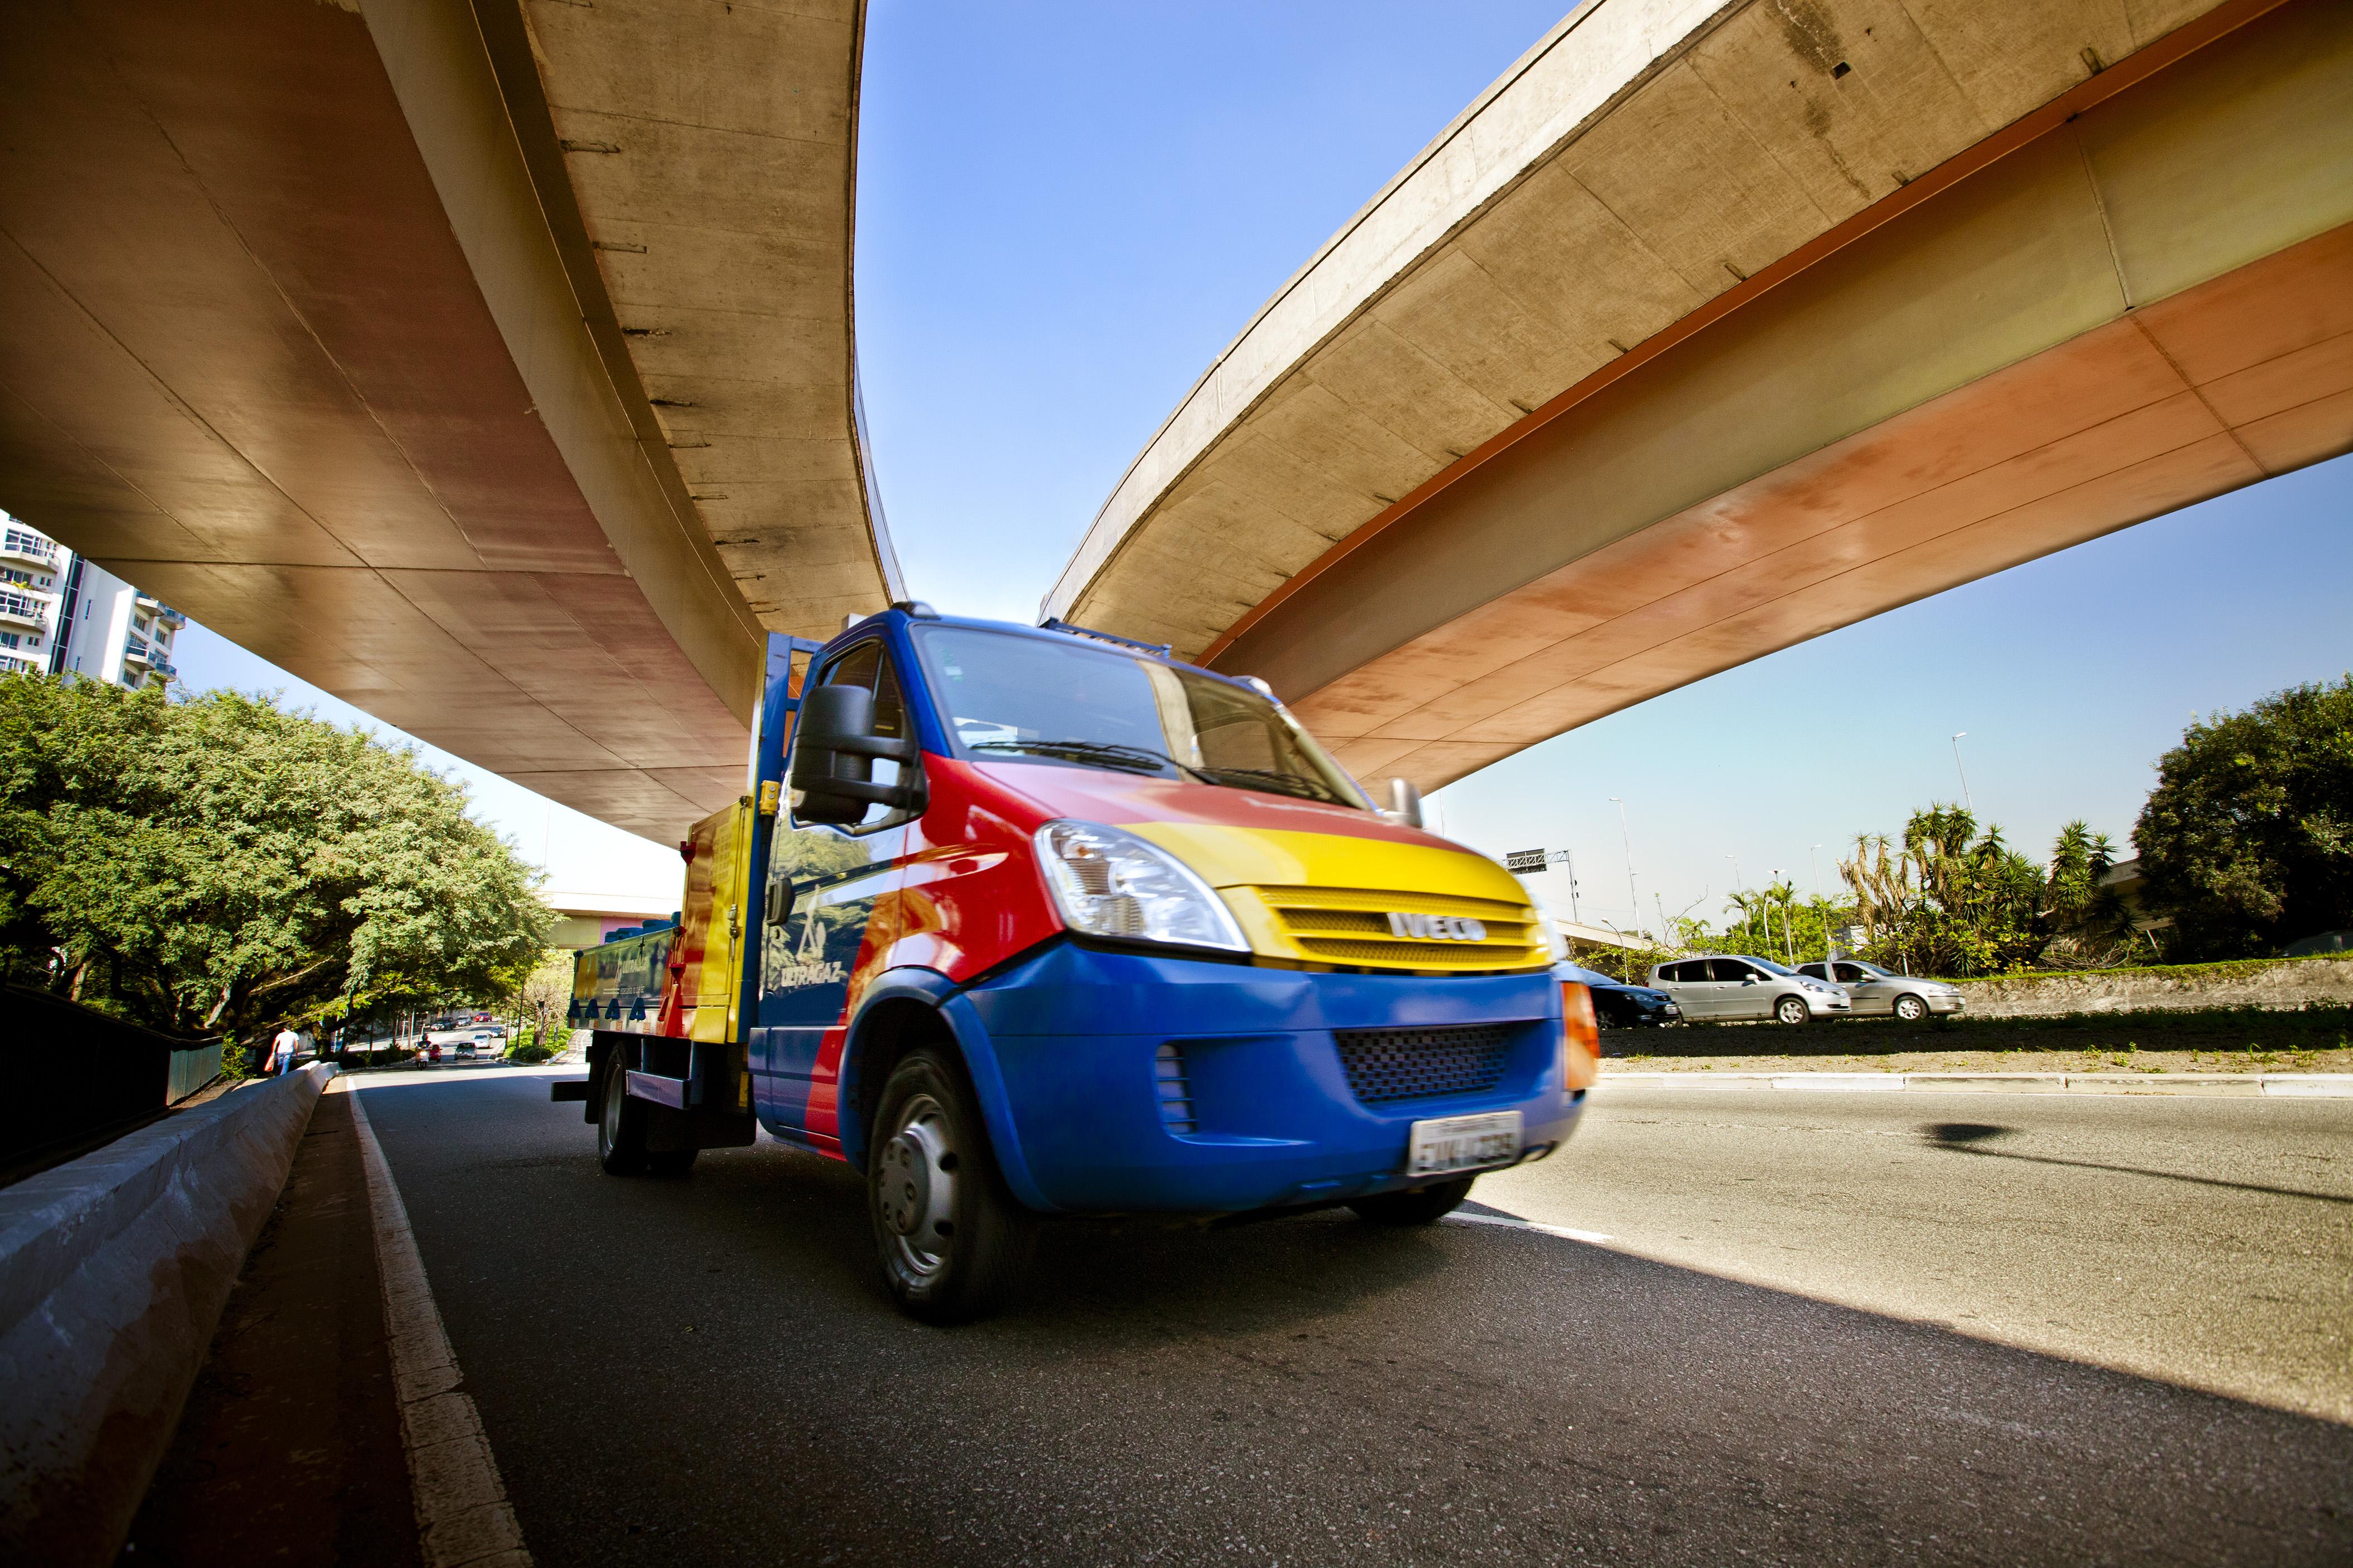 Foto de caminhão da Ultragaz nas cores azul, amarela e vermelha embaixo de um viaduto com carros e árvores ao fundo em um dia muito iluminado.